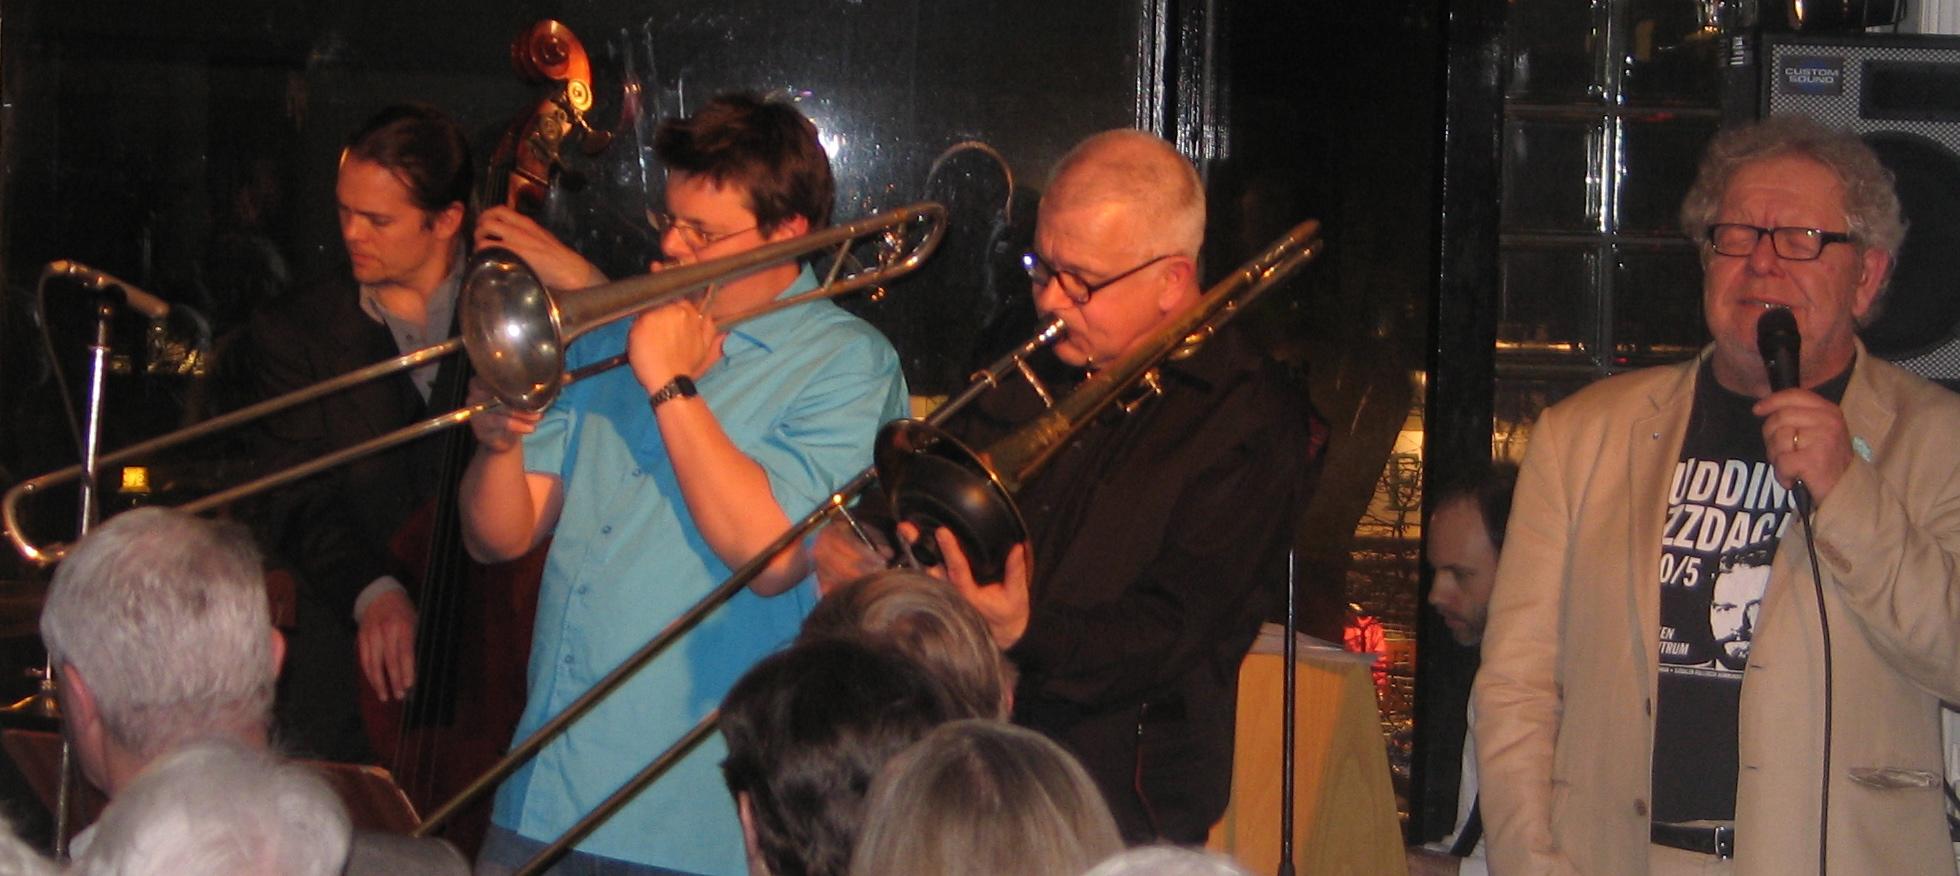 Klassiskt band på klassisk mark! (Foto: Elvis Dean)